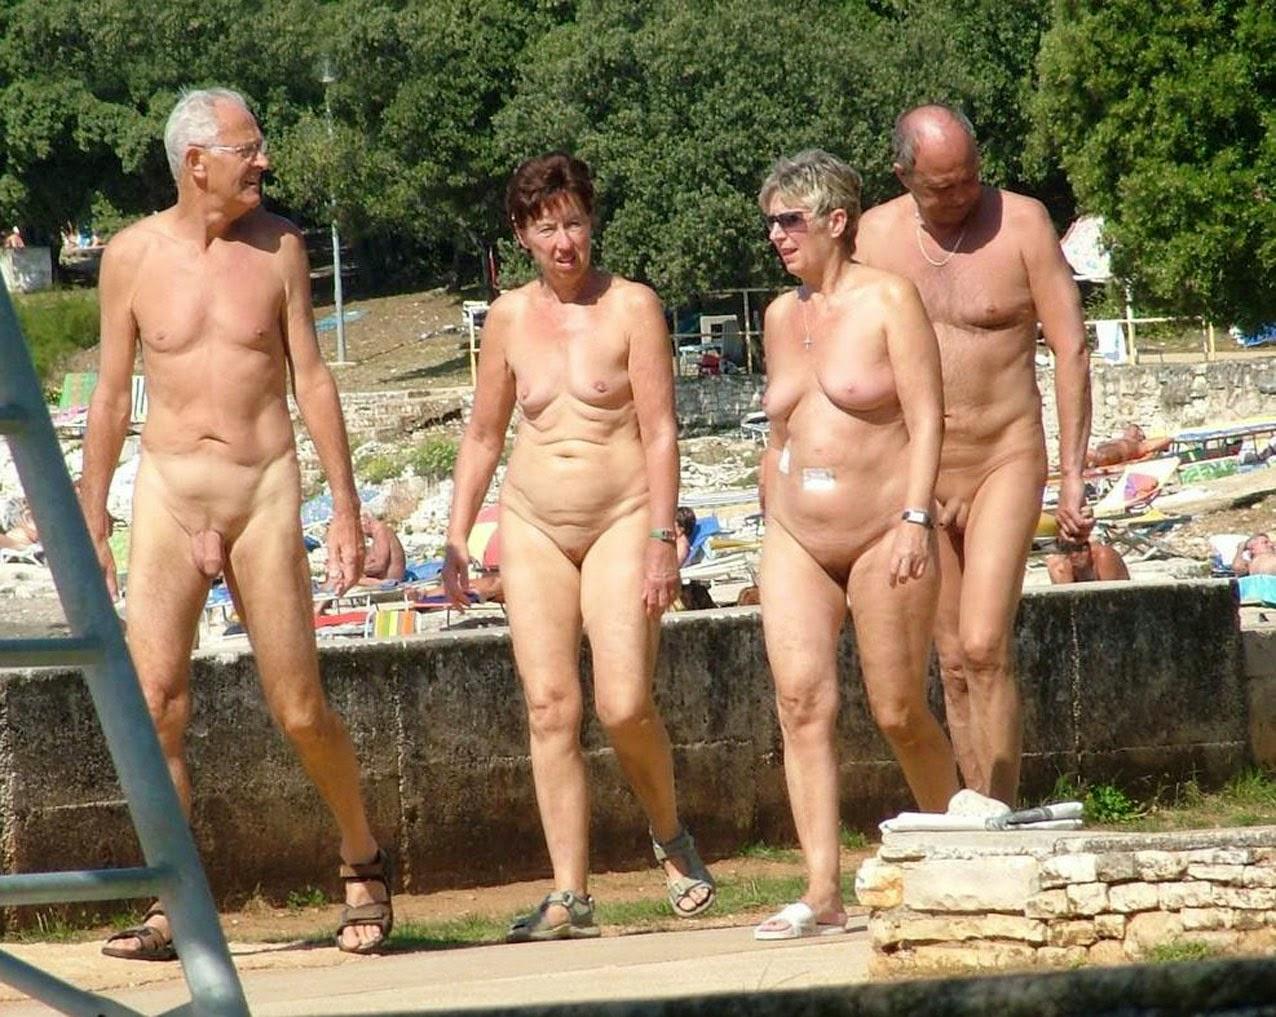 thai bar girls naked having sex